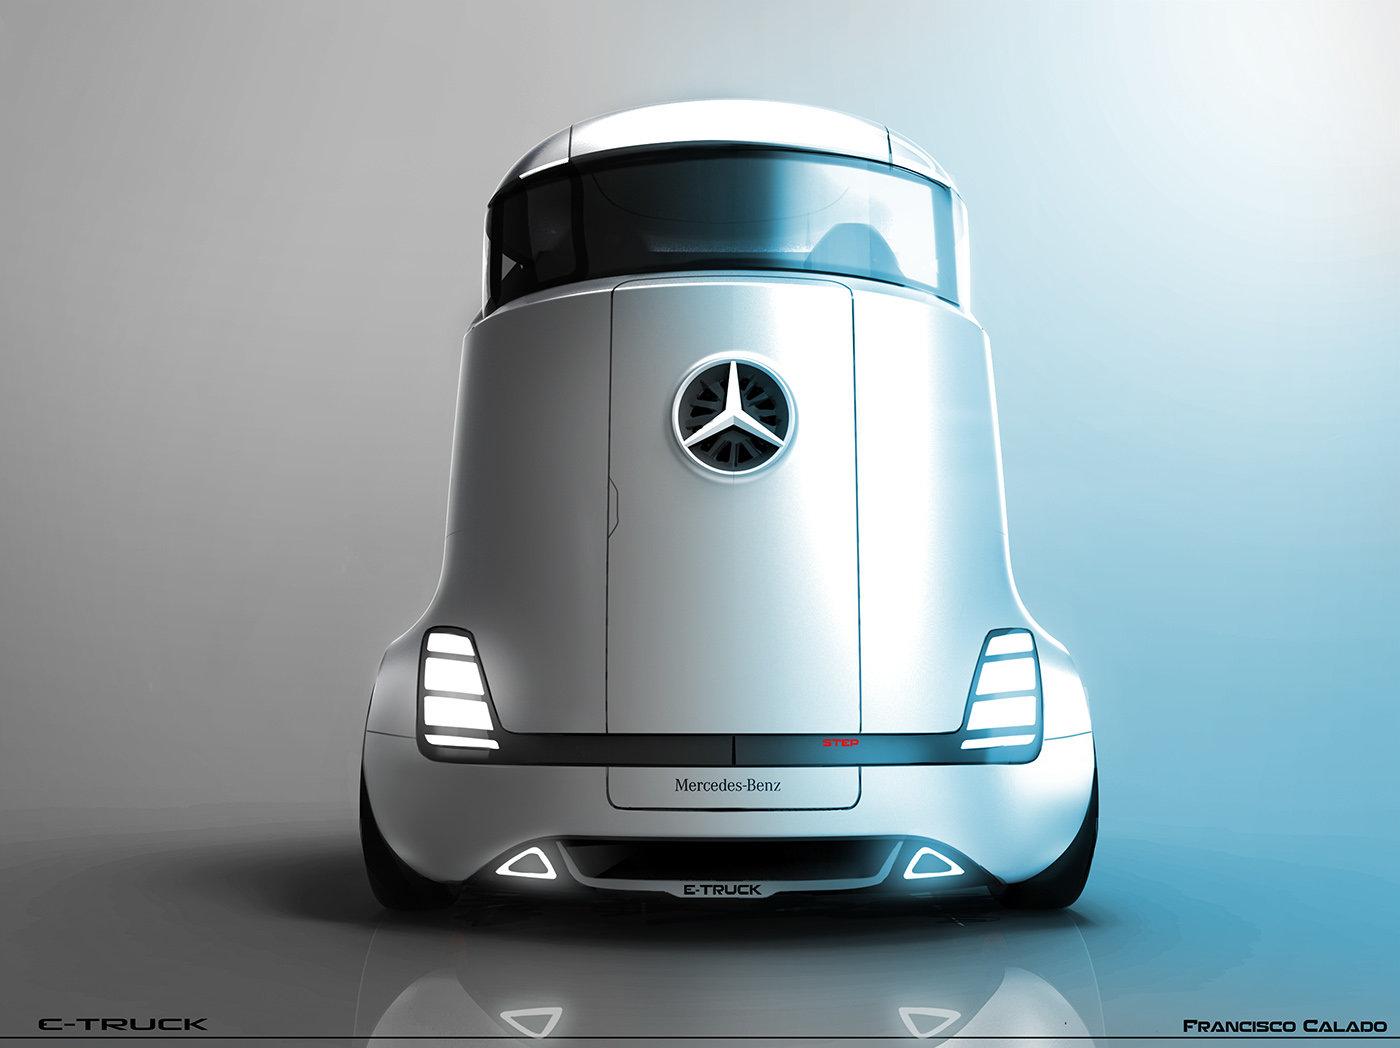 mercedes-benz-e-truck-27-12-2016 (1)